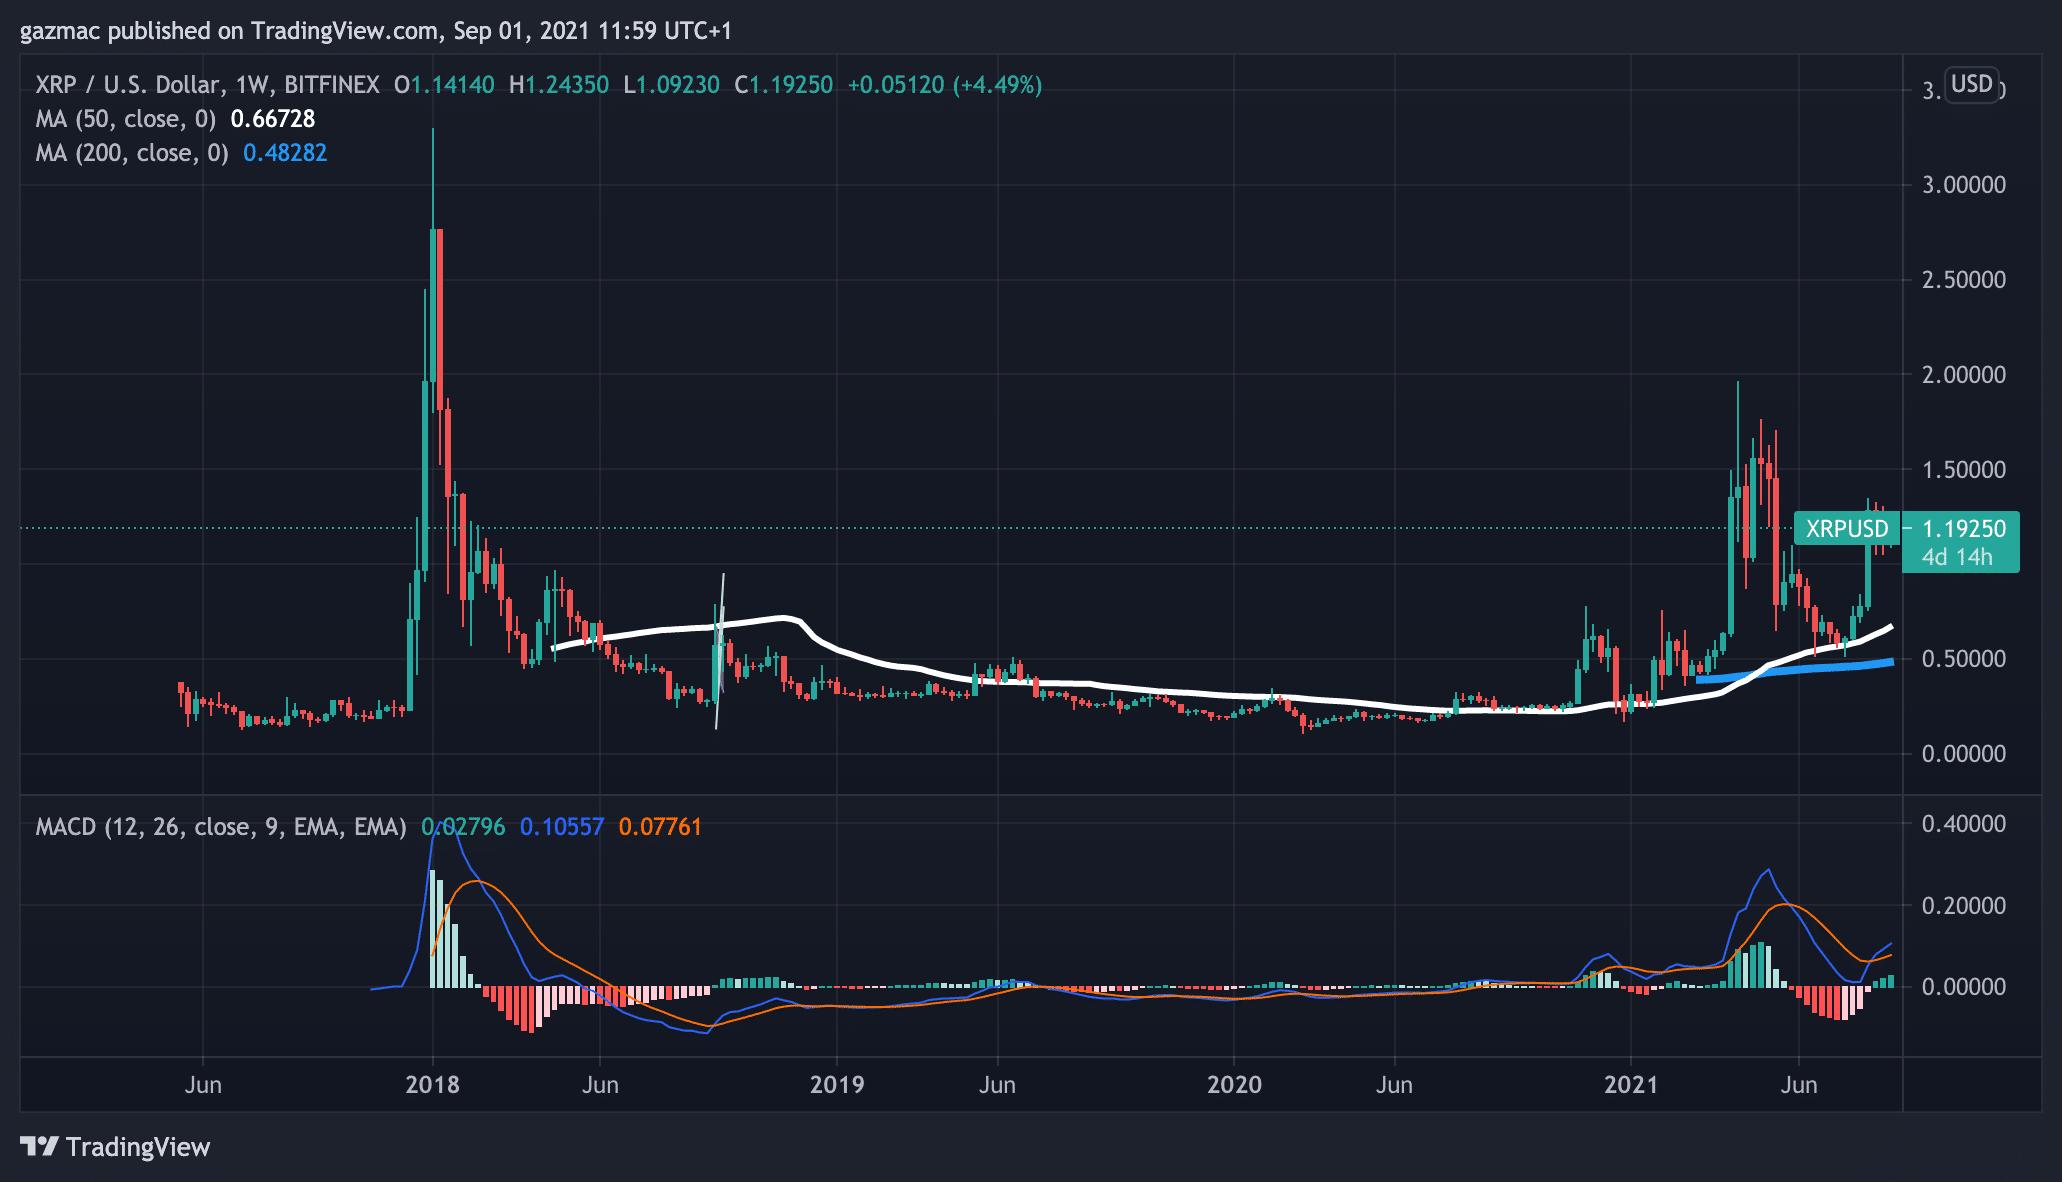 sec vs ripple xrp price chart 1 september 2021